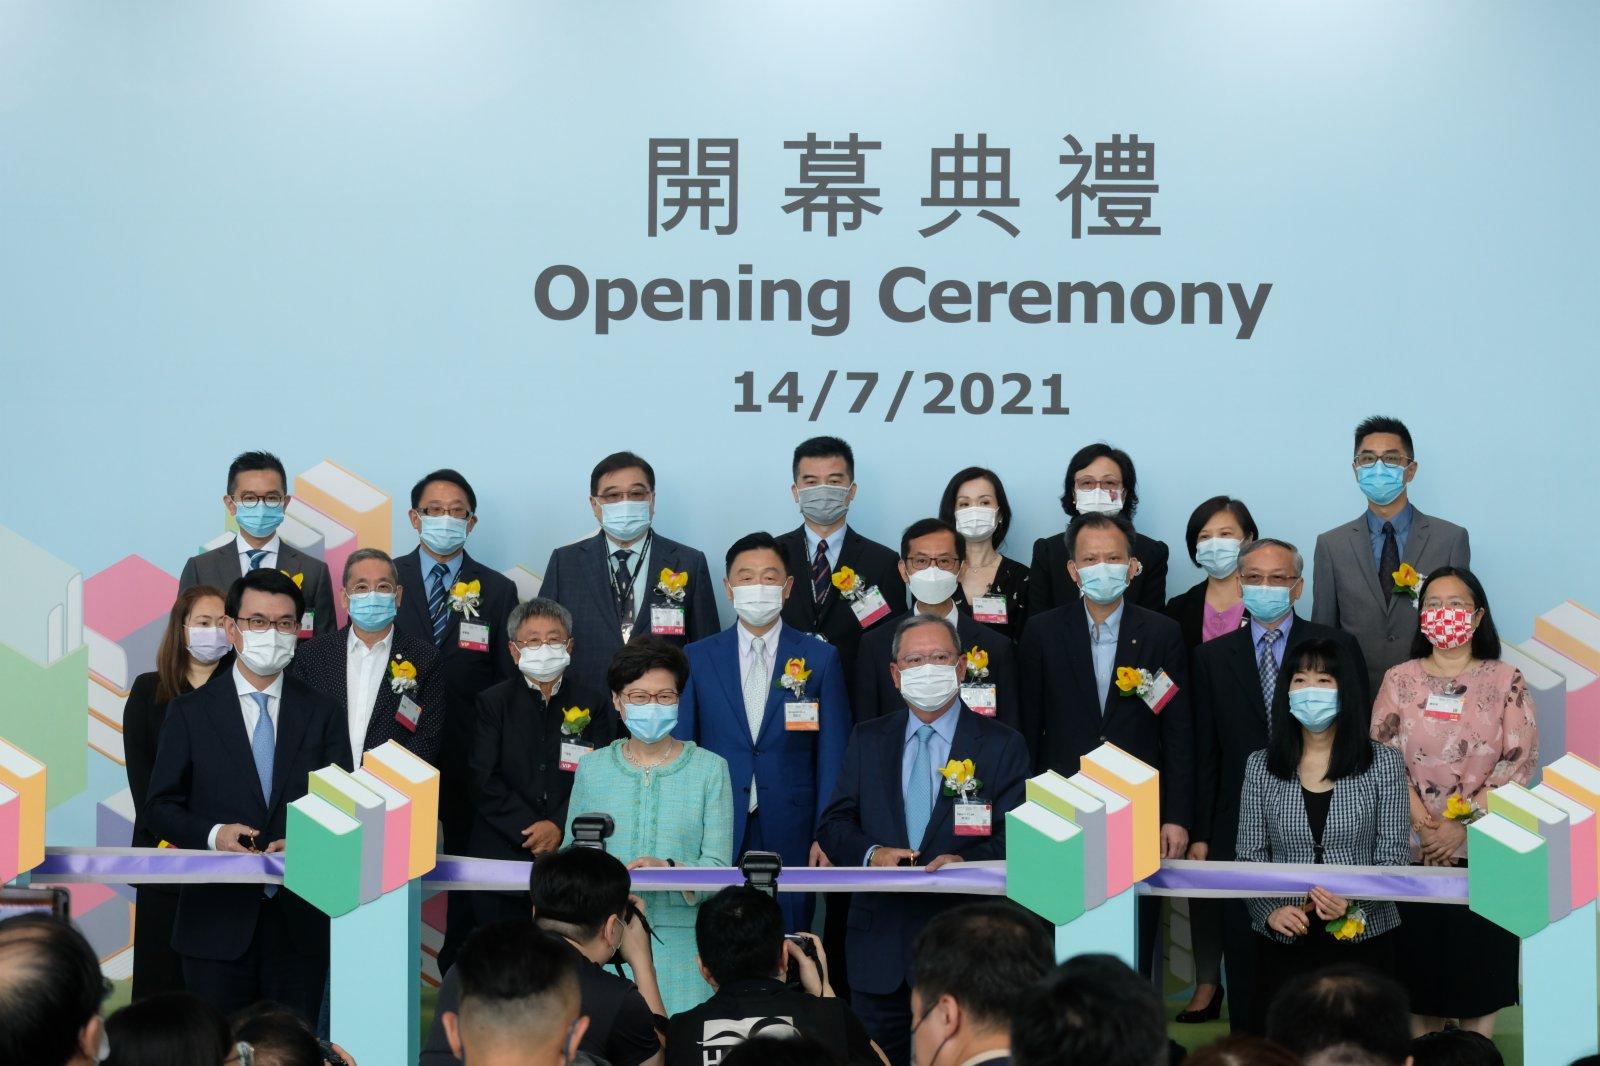 林鄭月娥出席運動休閒博覽開幕典禮。(大公文匯全媒體記者麥鈞傑攝)